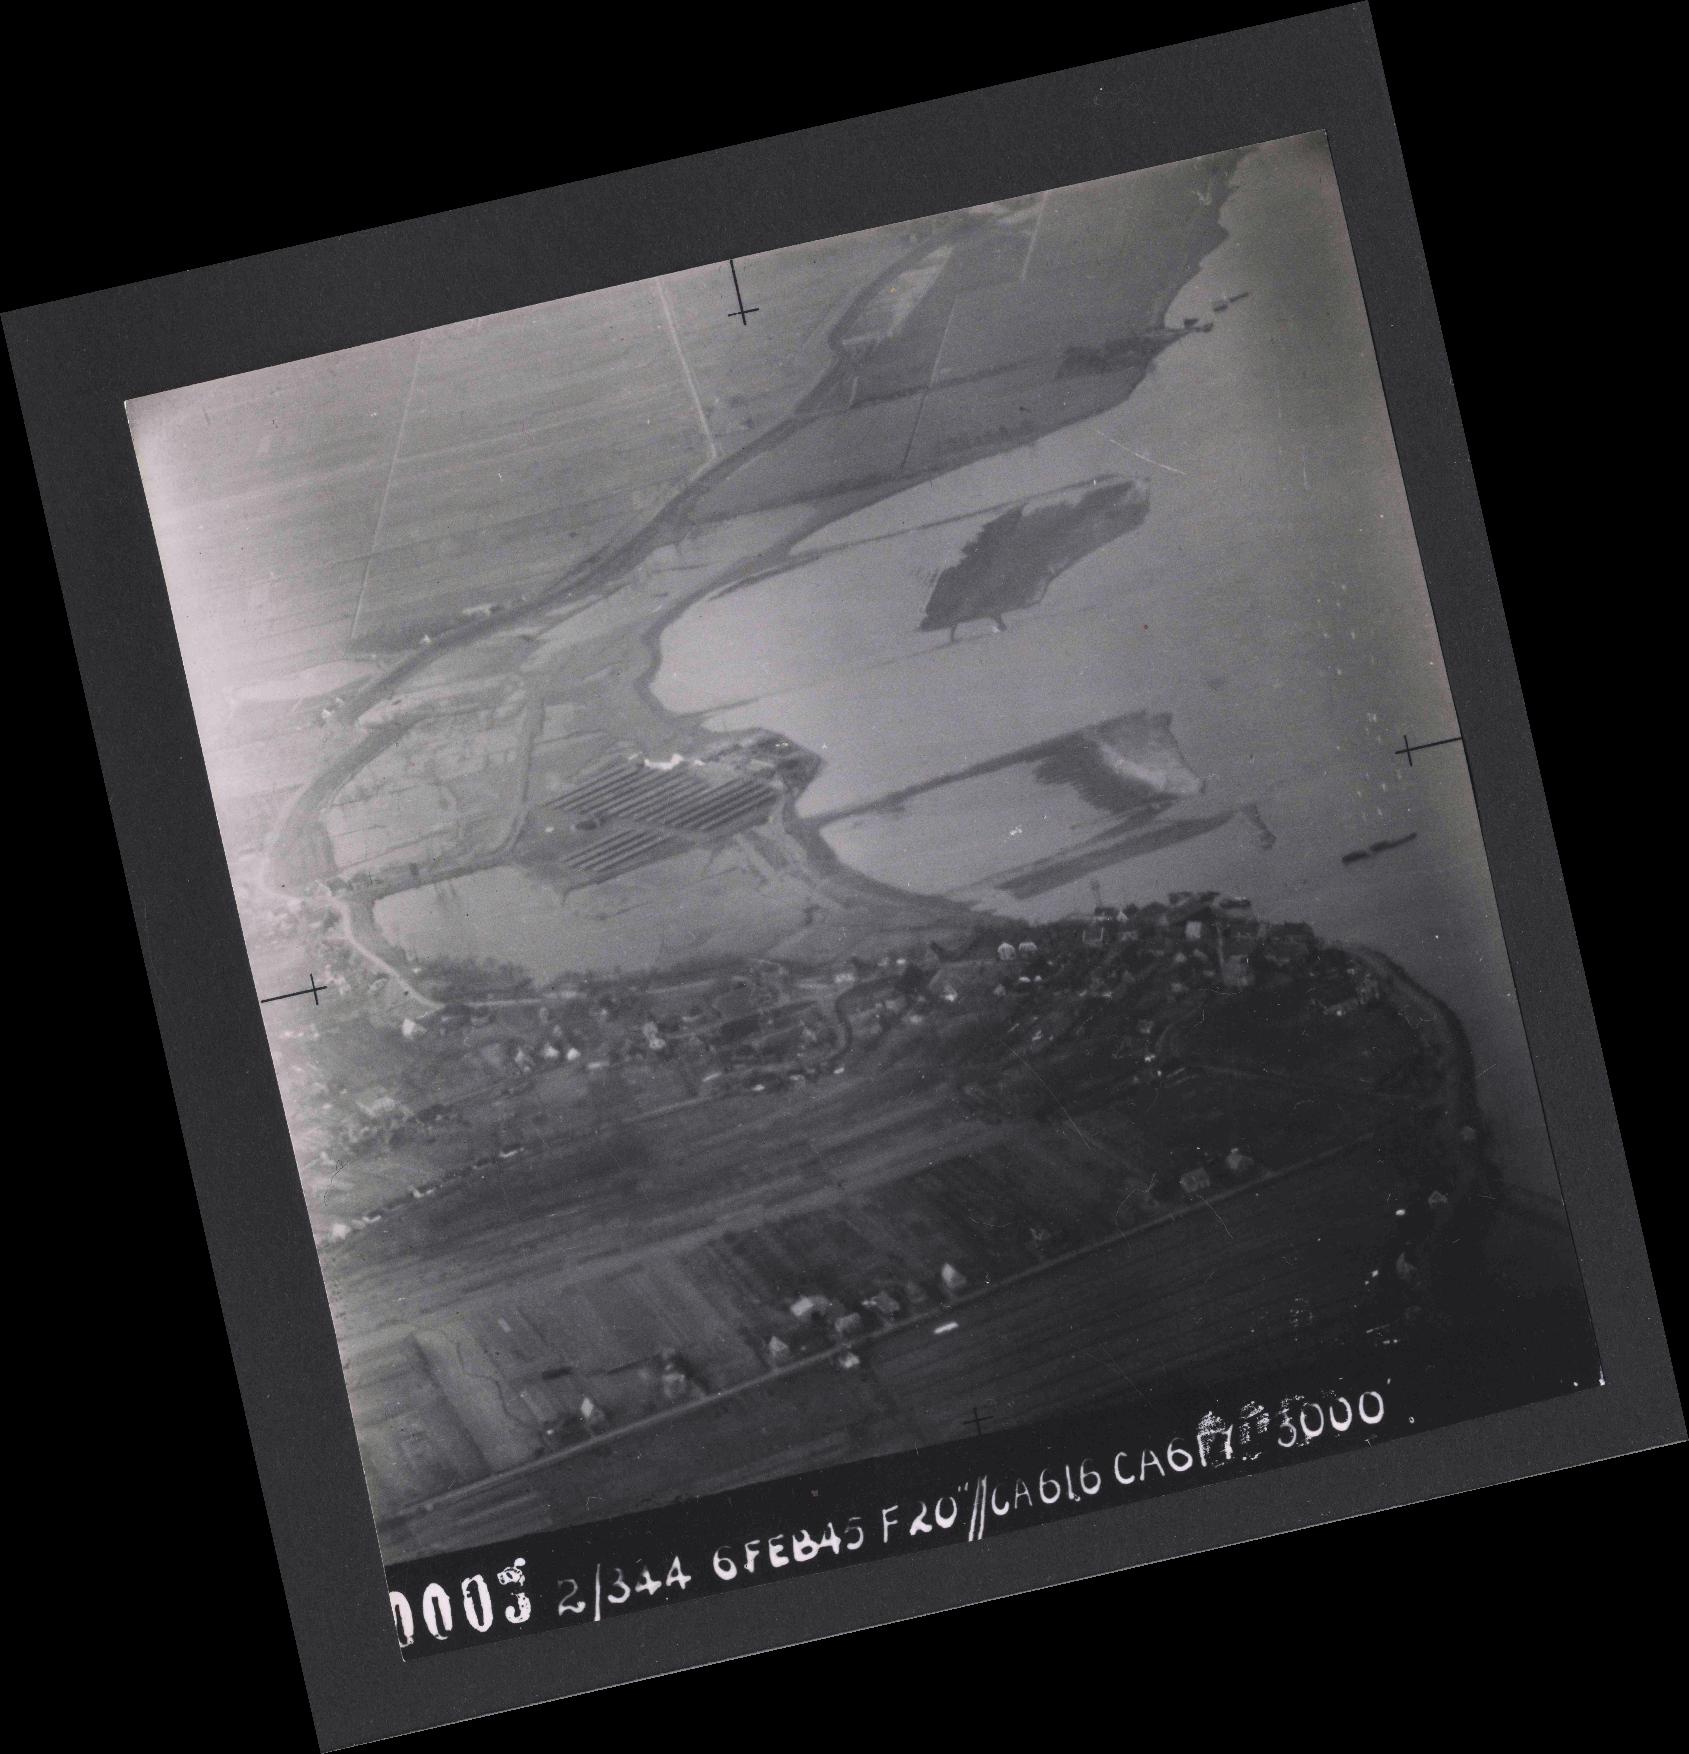 Collection RAF aerial photos 1940-1945 - flight 532, run 01, photo 0003